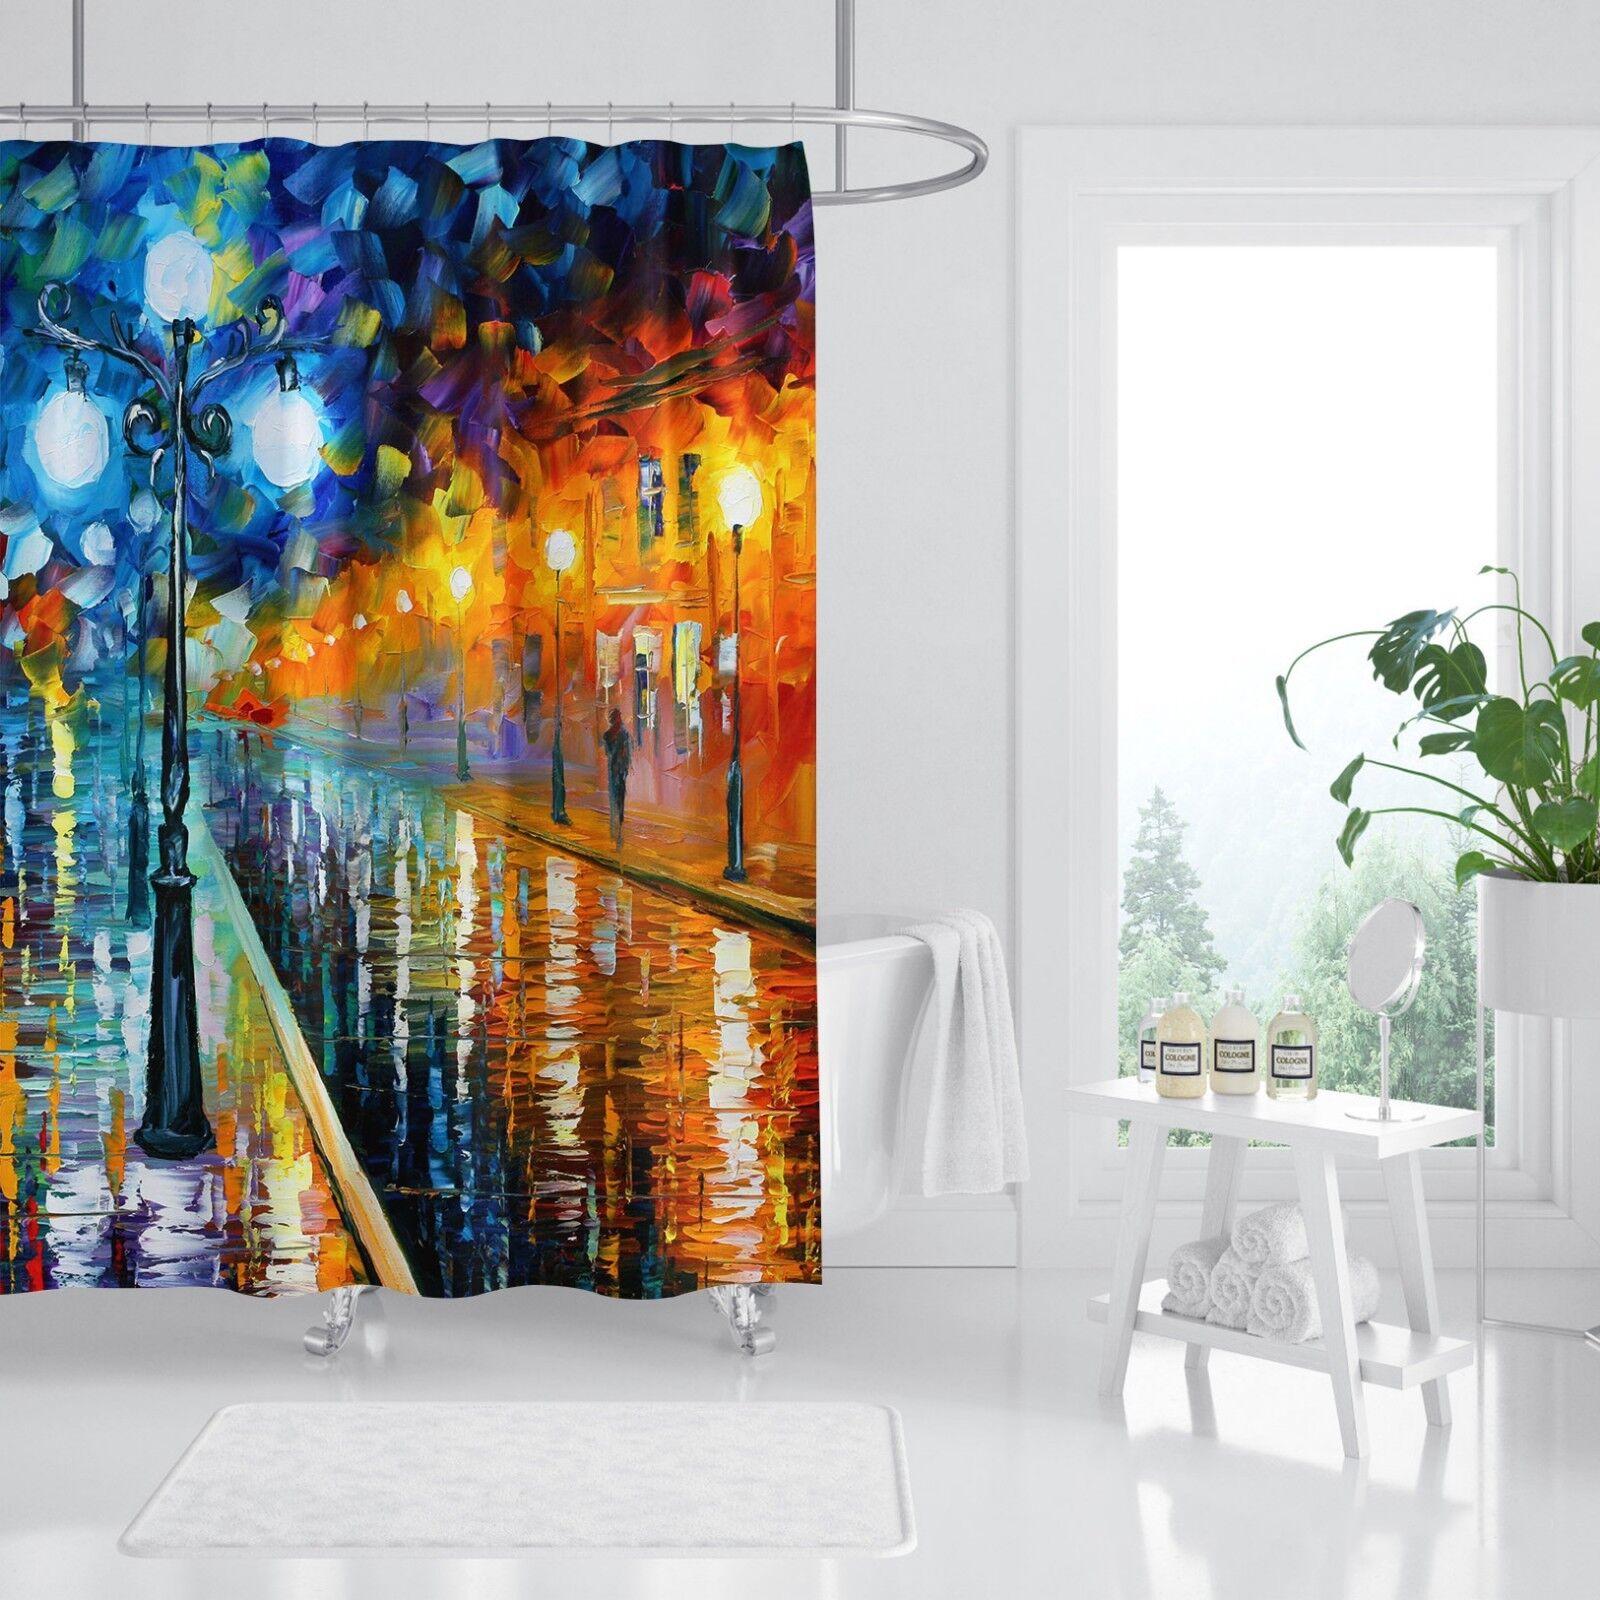 3D Straße Ölgemälde 7 Duschvorhang Wasserdicht Faser Bad Daheim Window Toilette